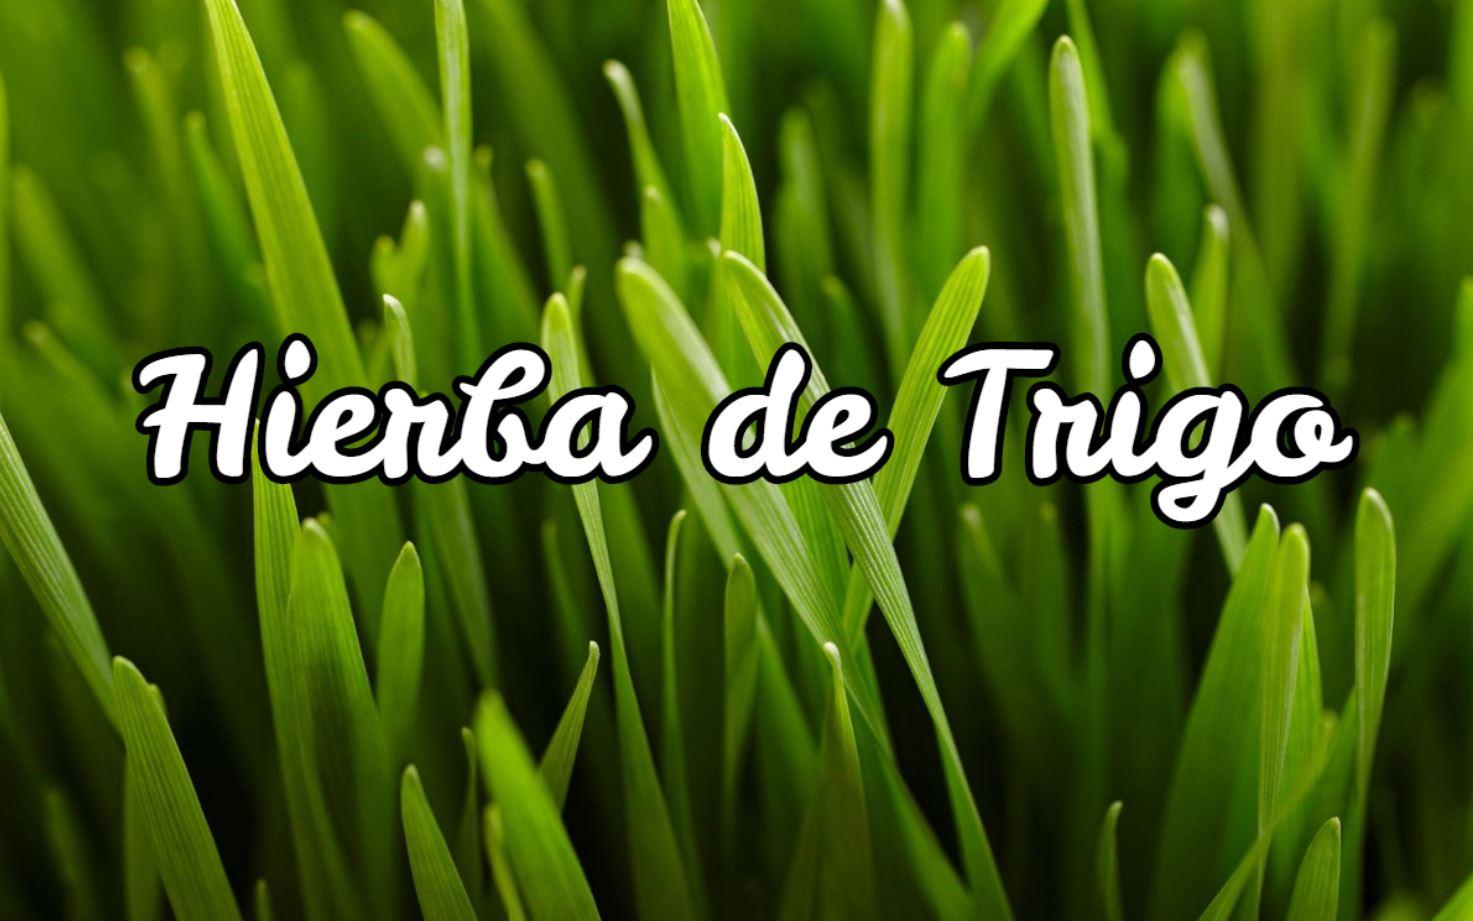 Hierba de Trigo - Propiedades, Beneficios y